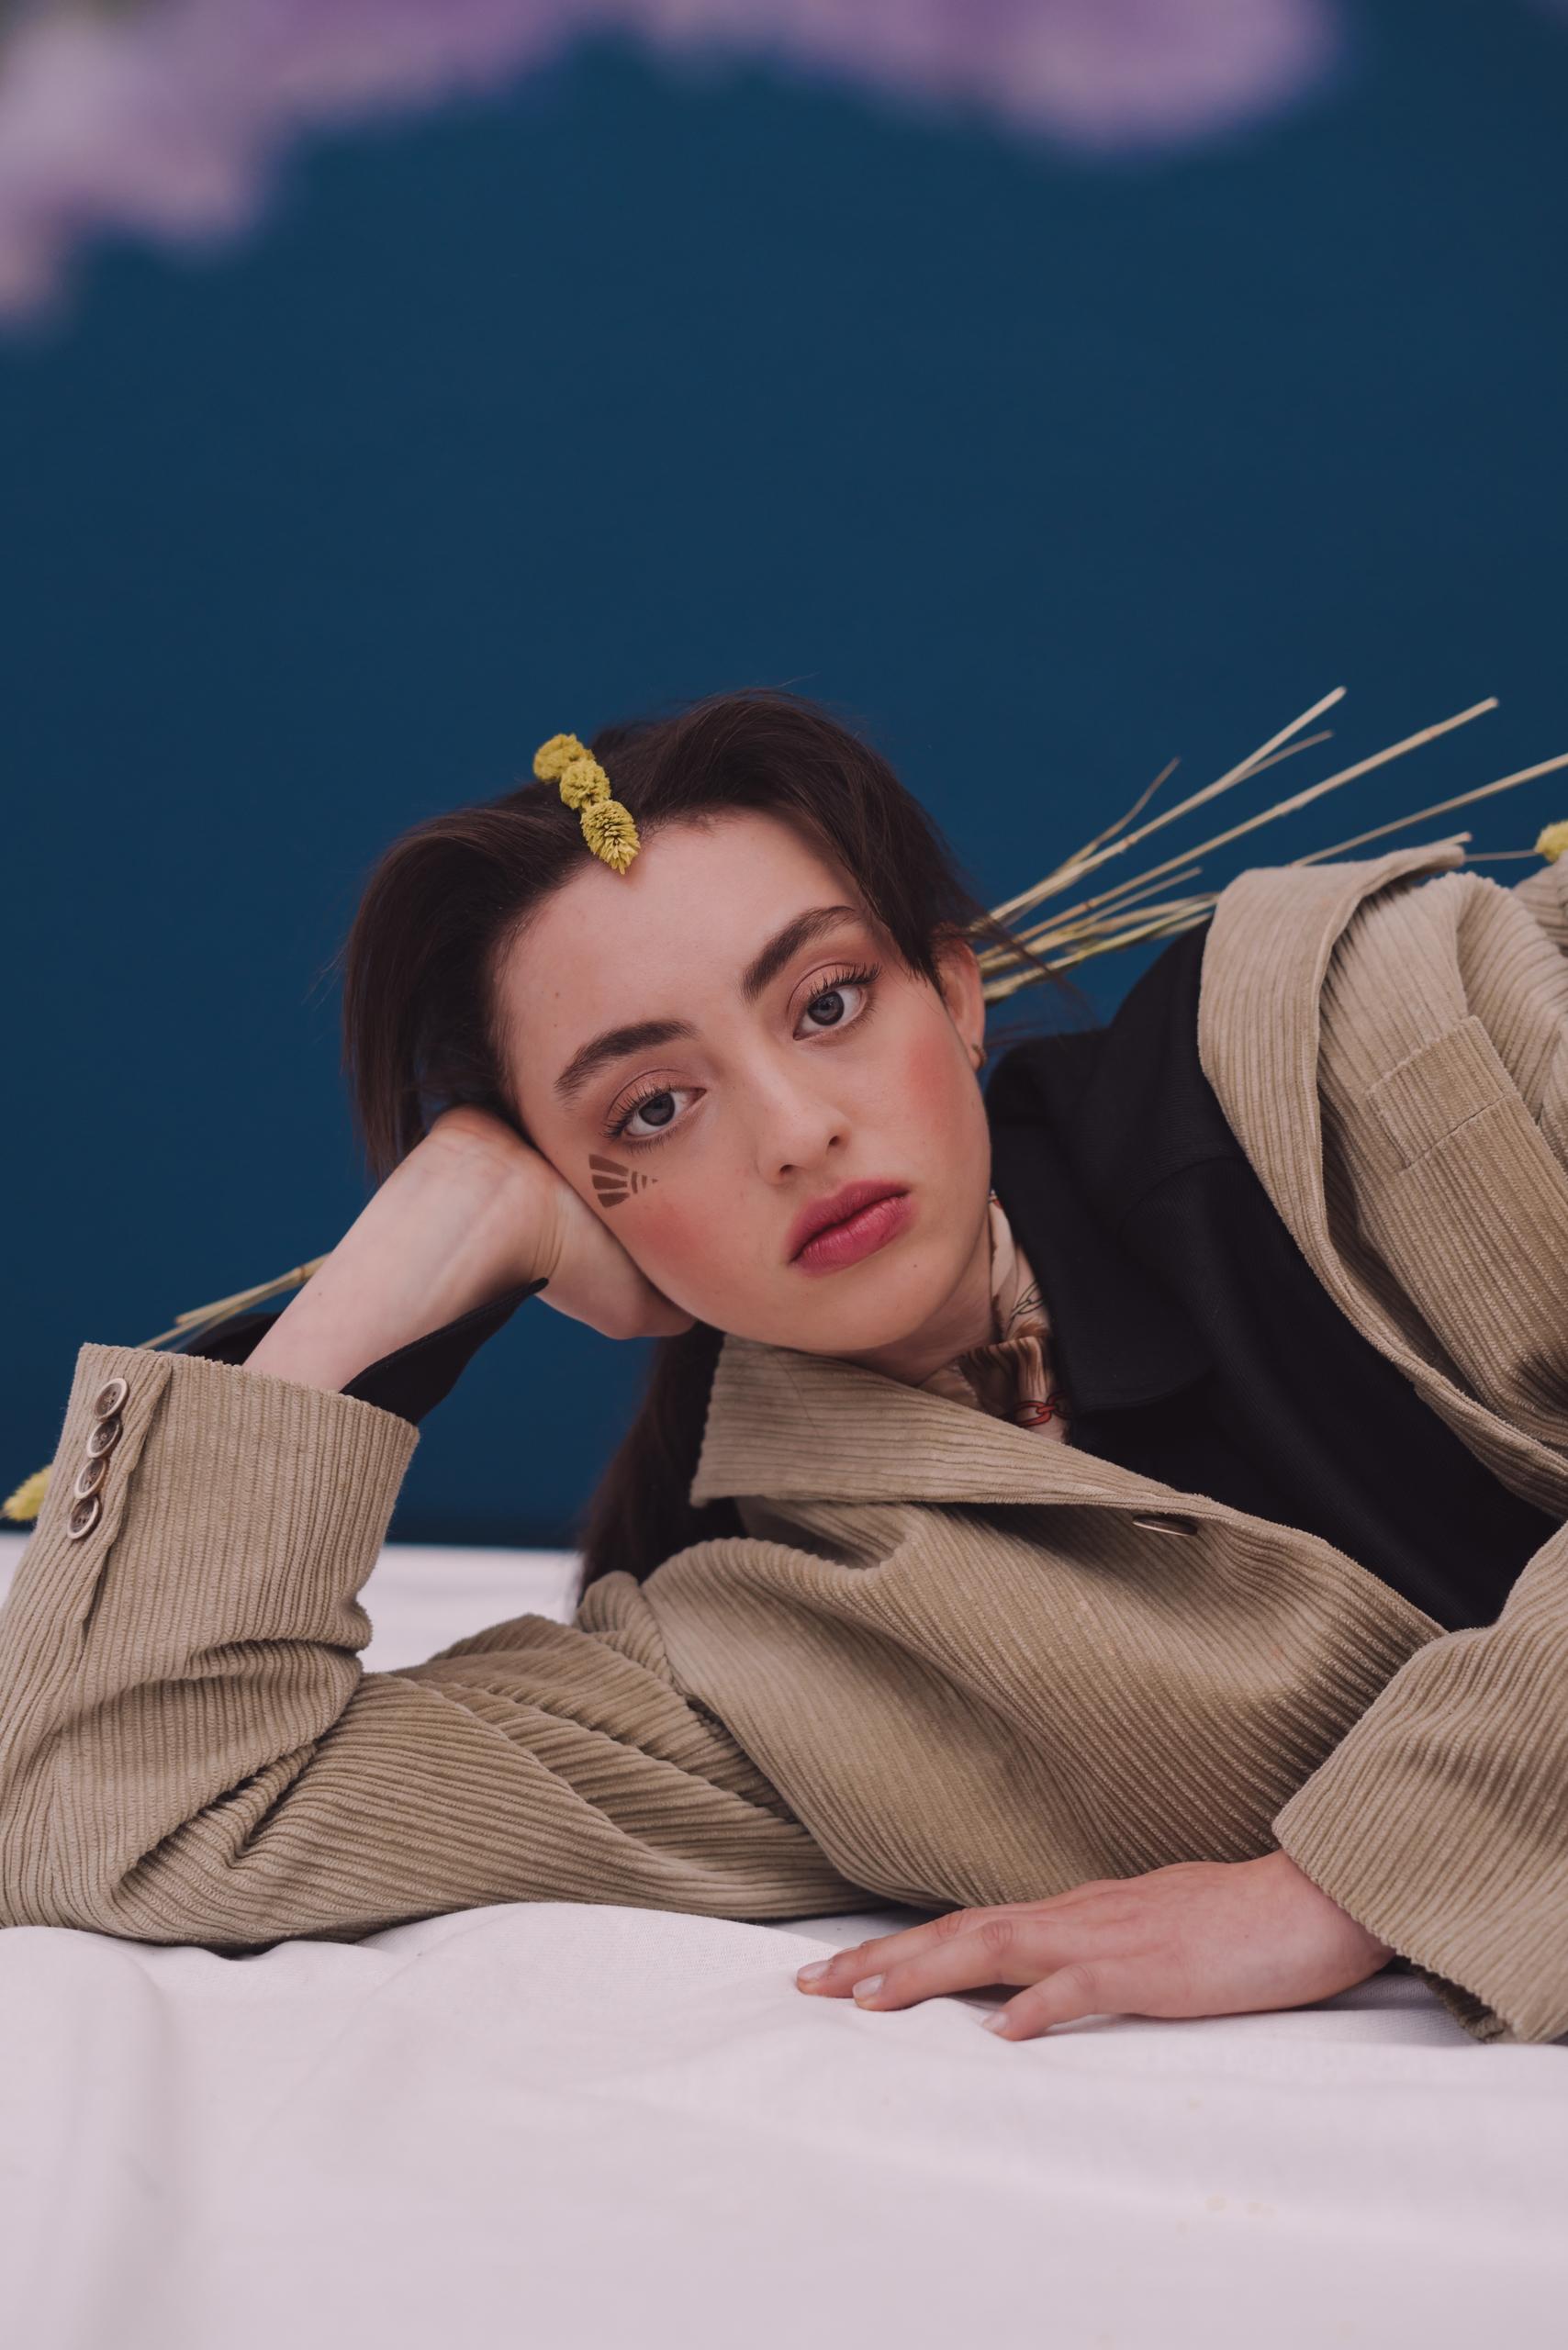 Serie Clara Benador - ellophotography - roxanemoreau   ello